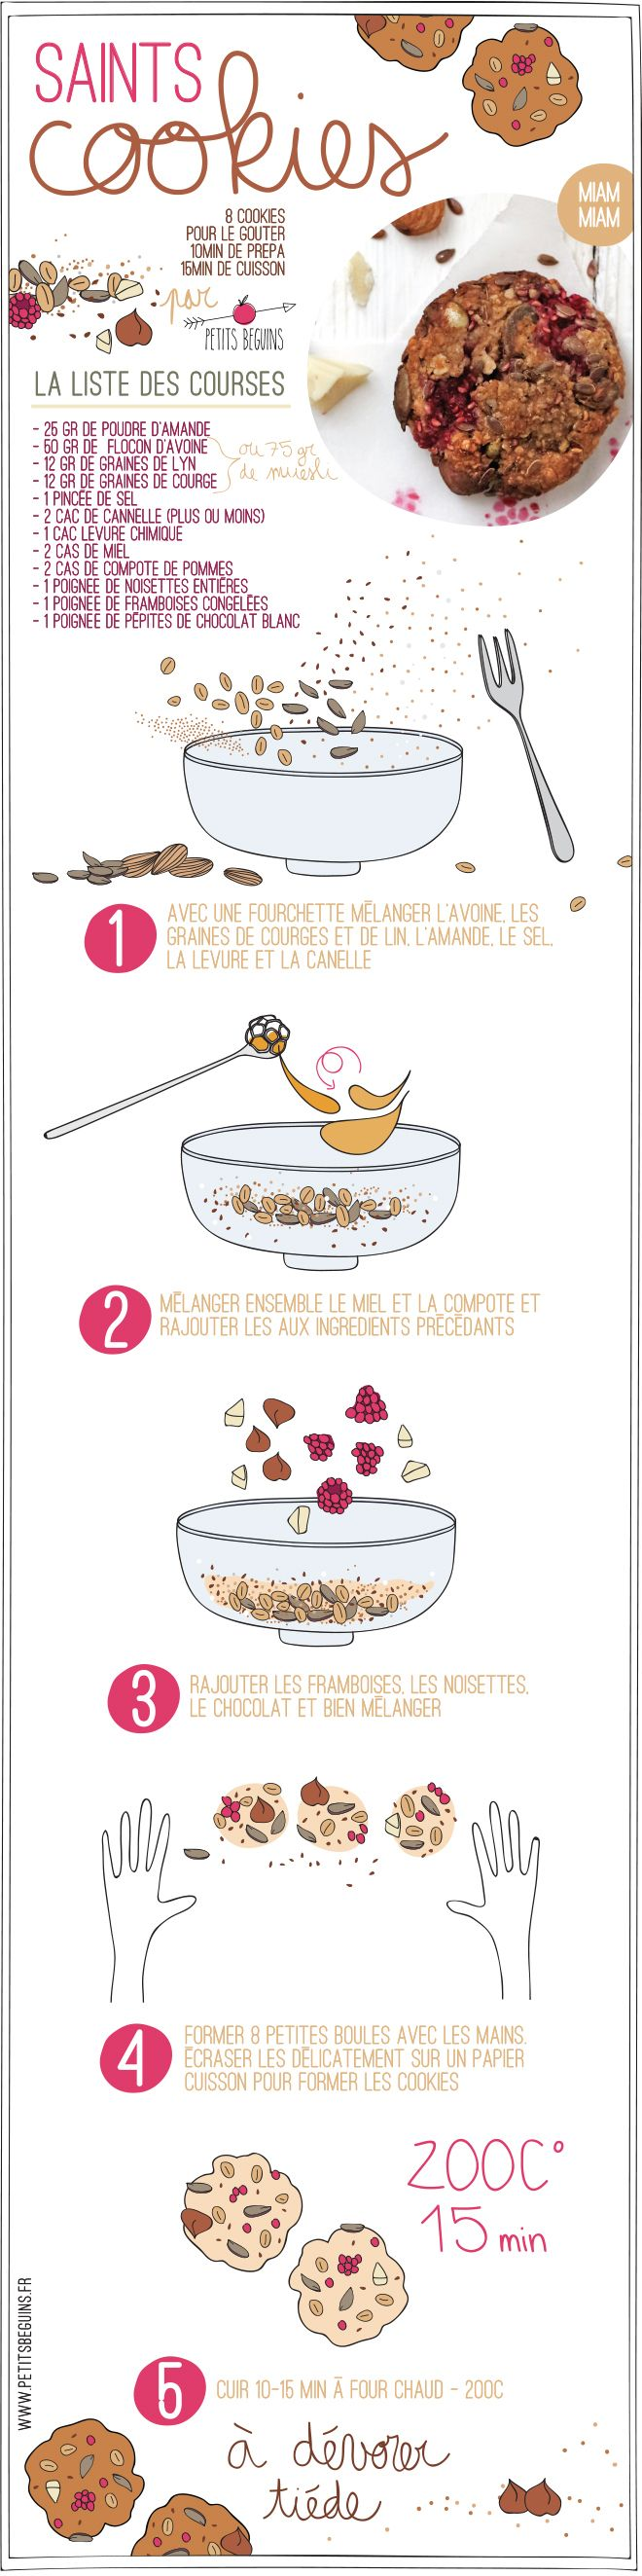 Saints cookies - Gourmandise - Petits Béguins REMPLACEZ L'AVOINE PAR DES FLOCONS DE MILLET